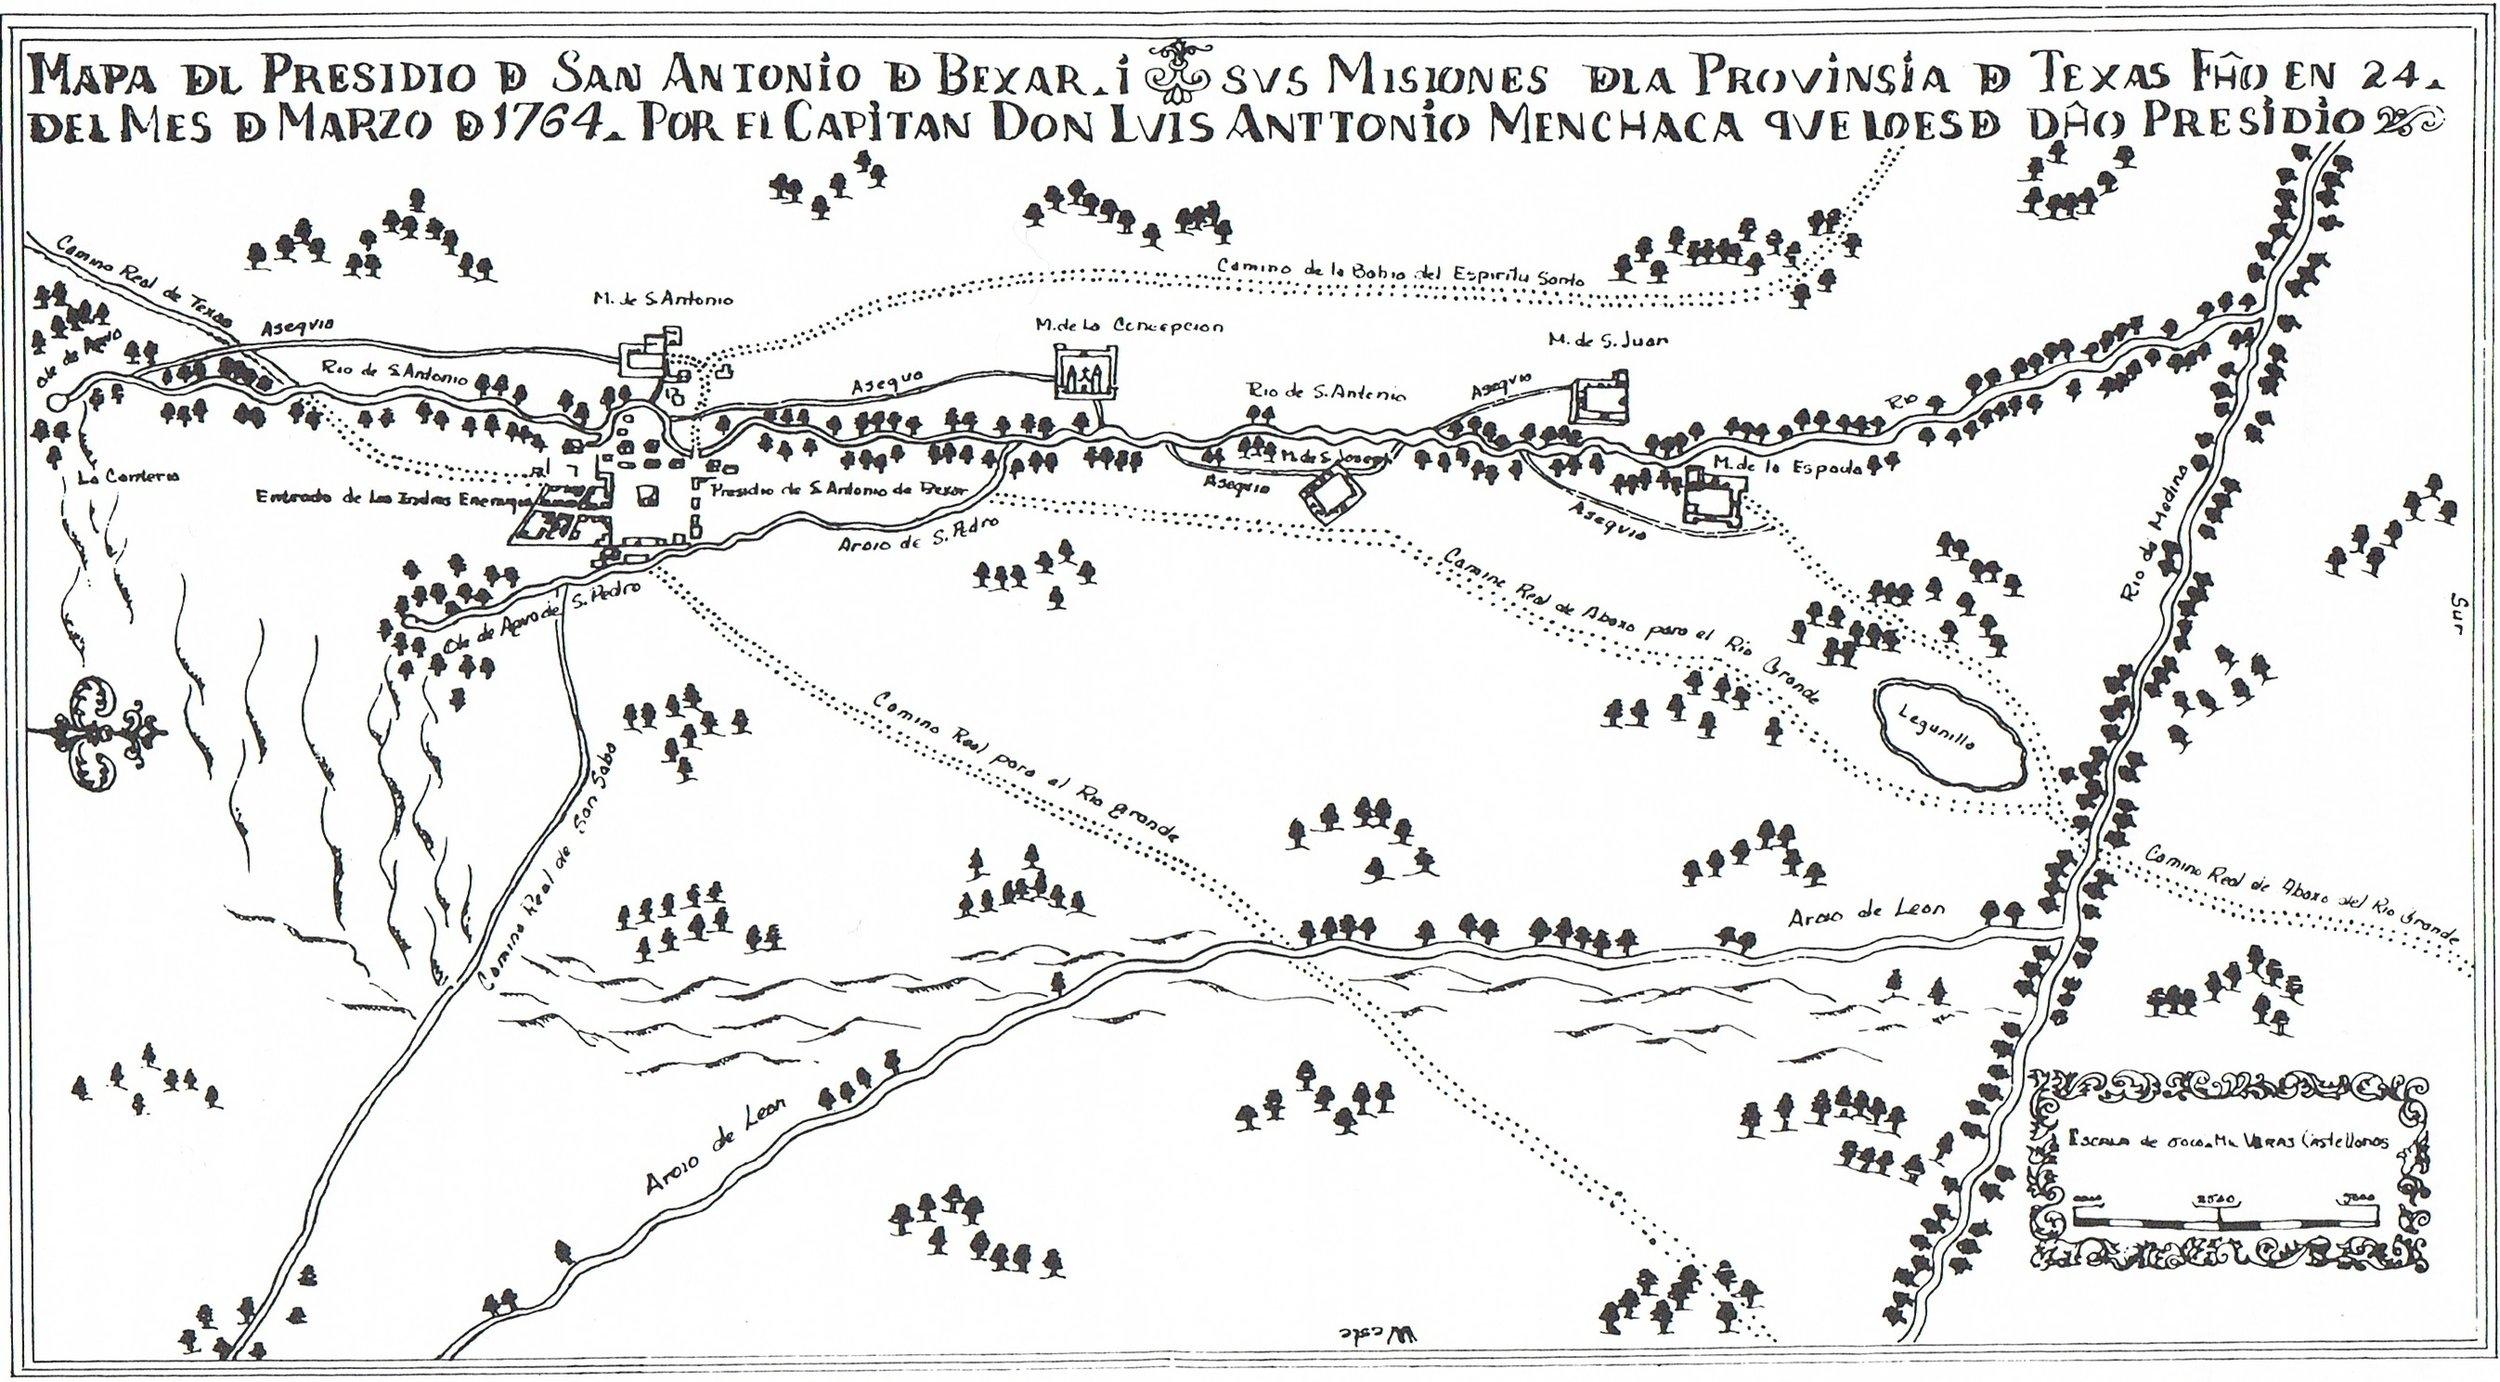 Luis Antonio Menchaca's Map del Presidio de San Antonio de Béxar, 1764